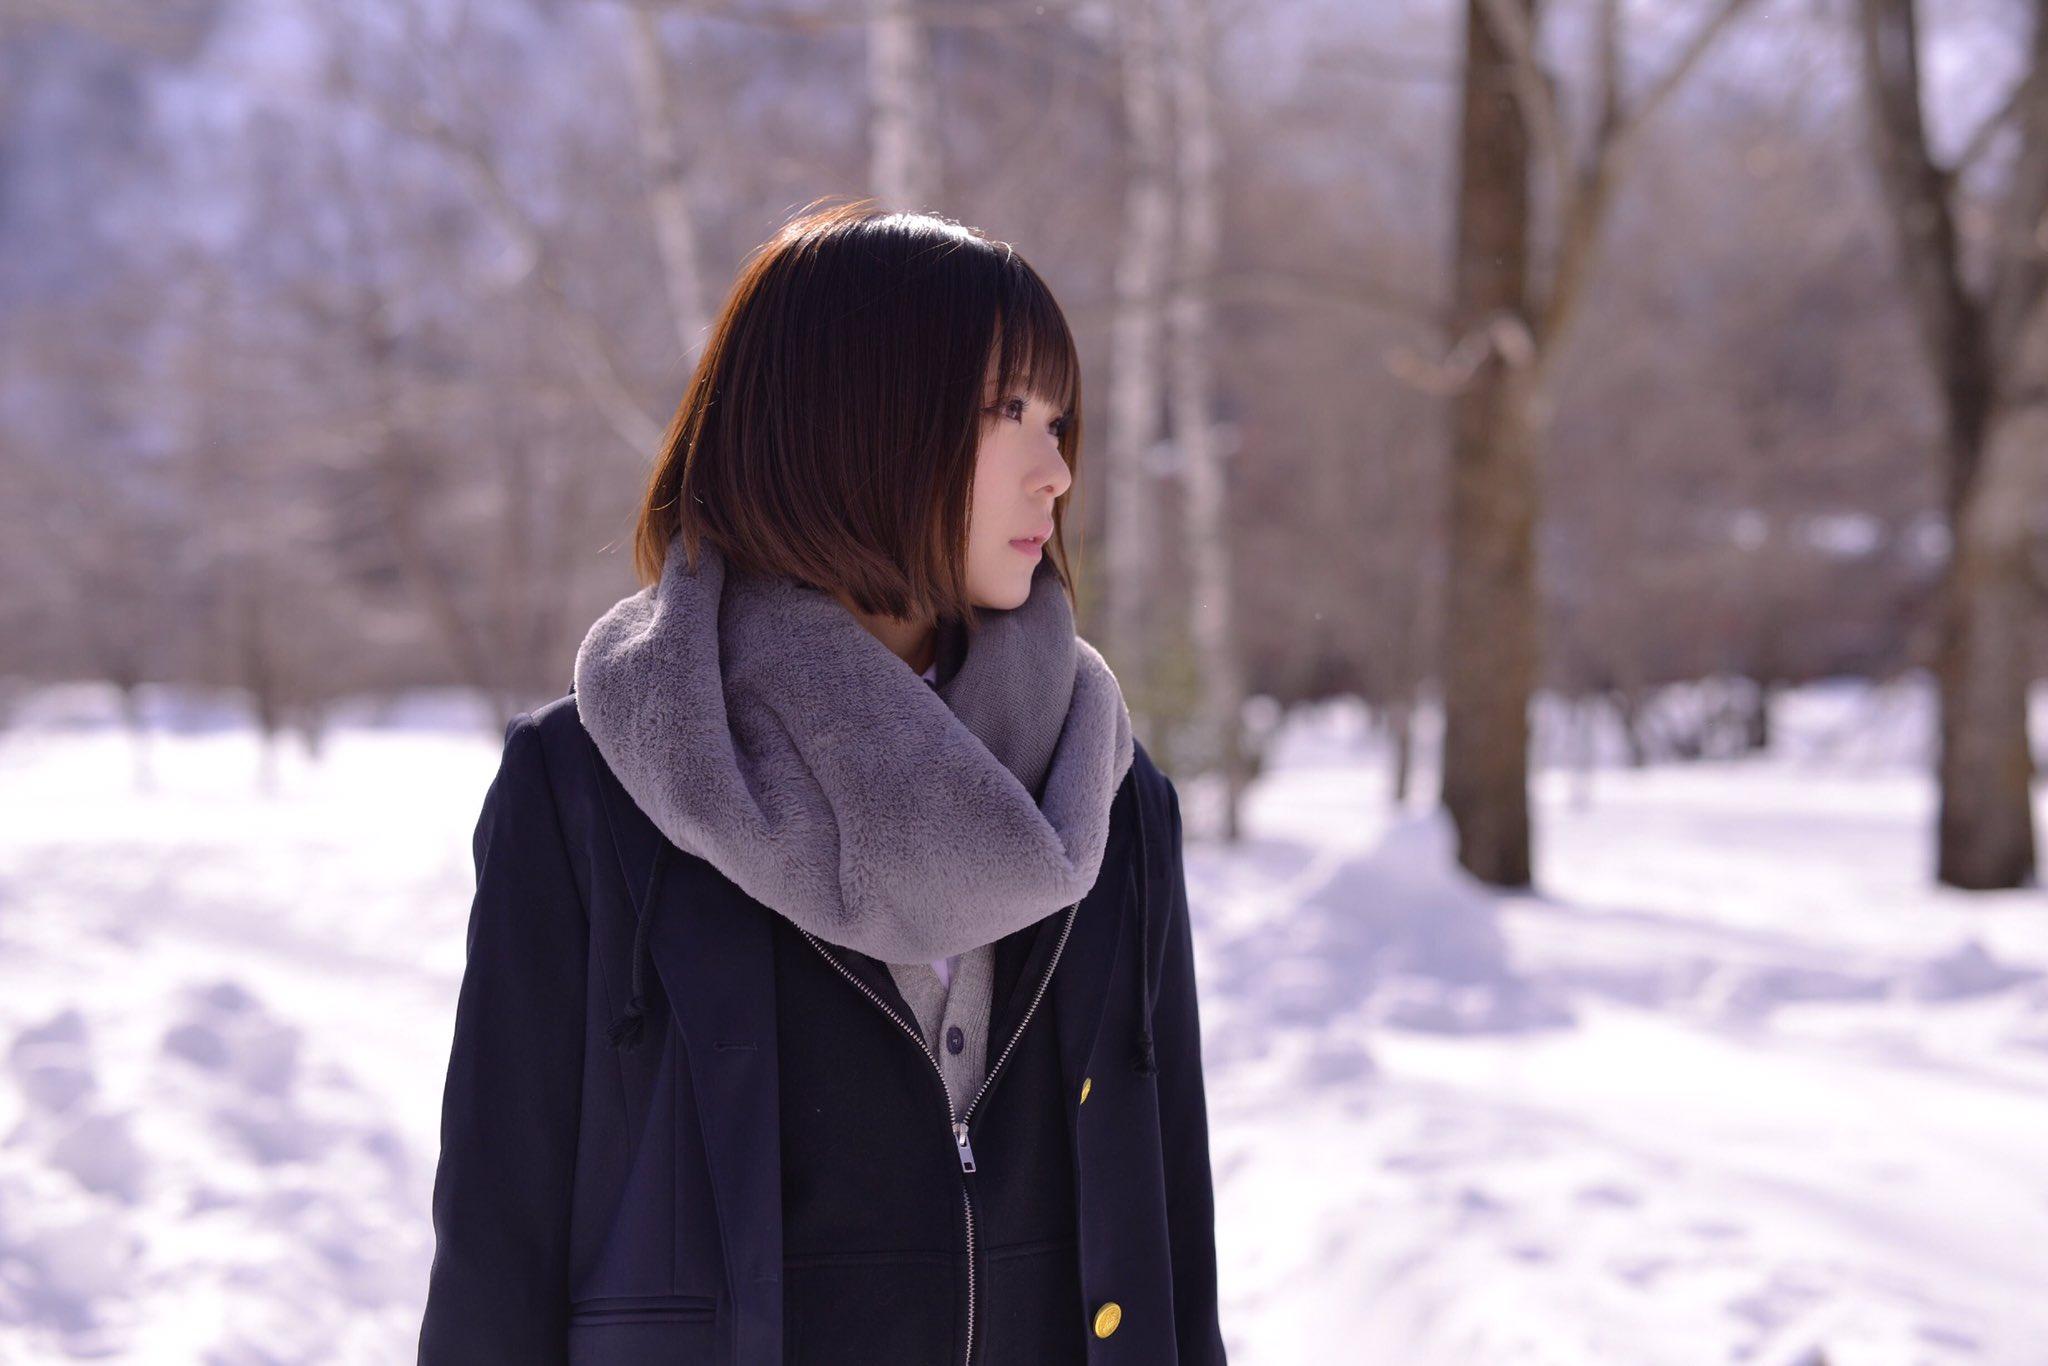 今年的第一場初雪,可以玩雪真高興 #制服美少女 #瀏海》#Cute #Girl #Pretty #Girls #漂亮 #可愛